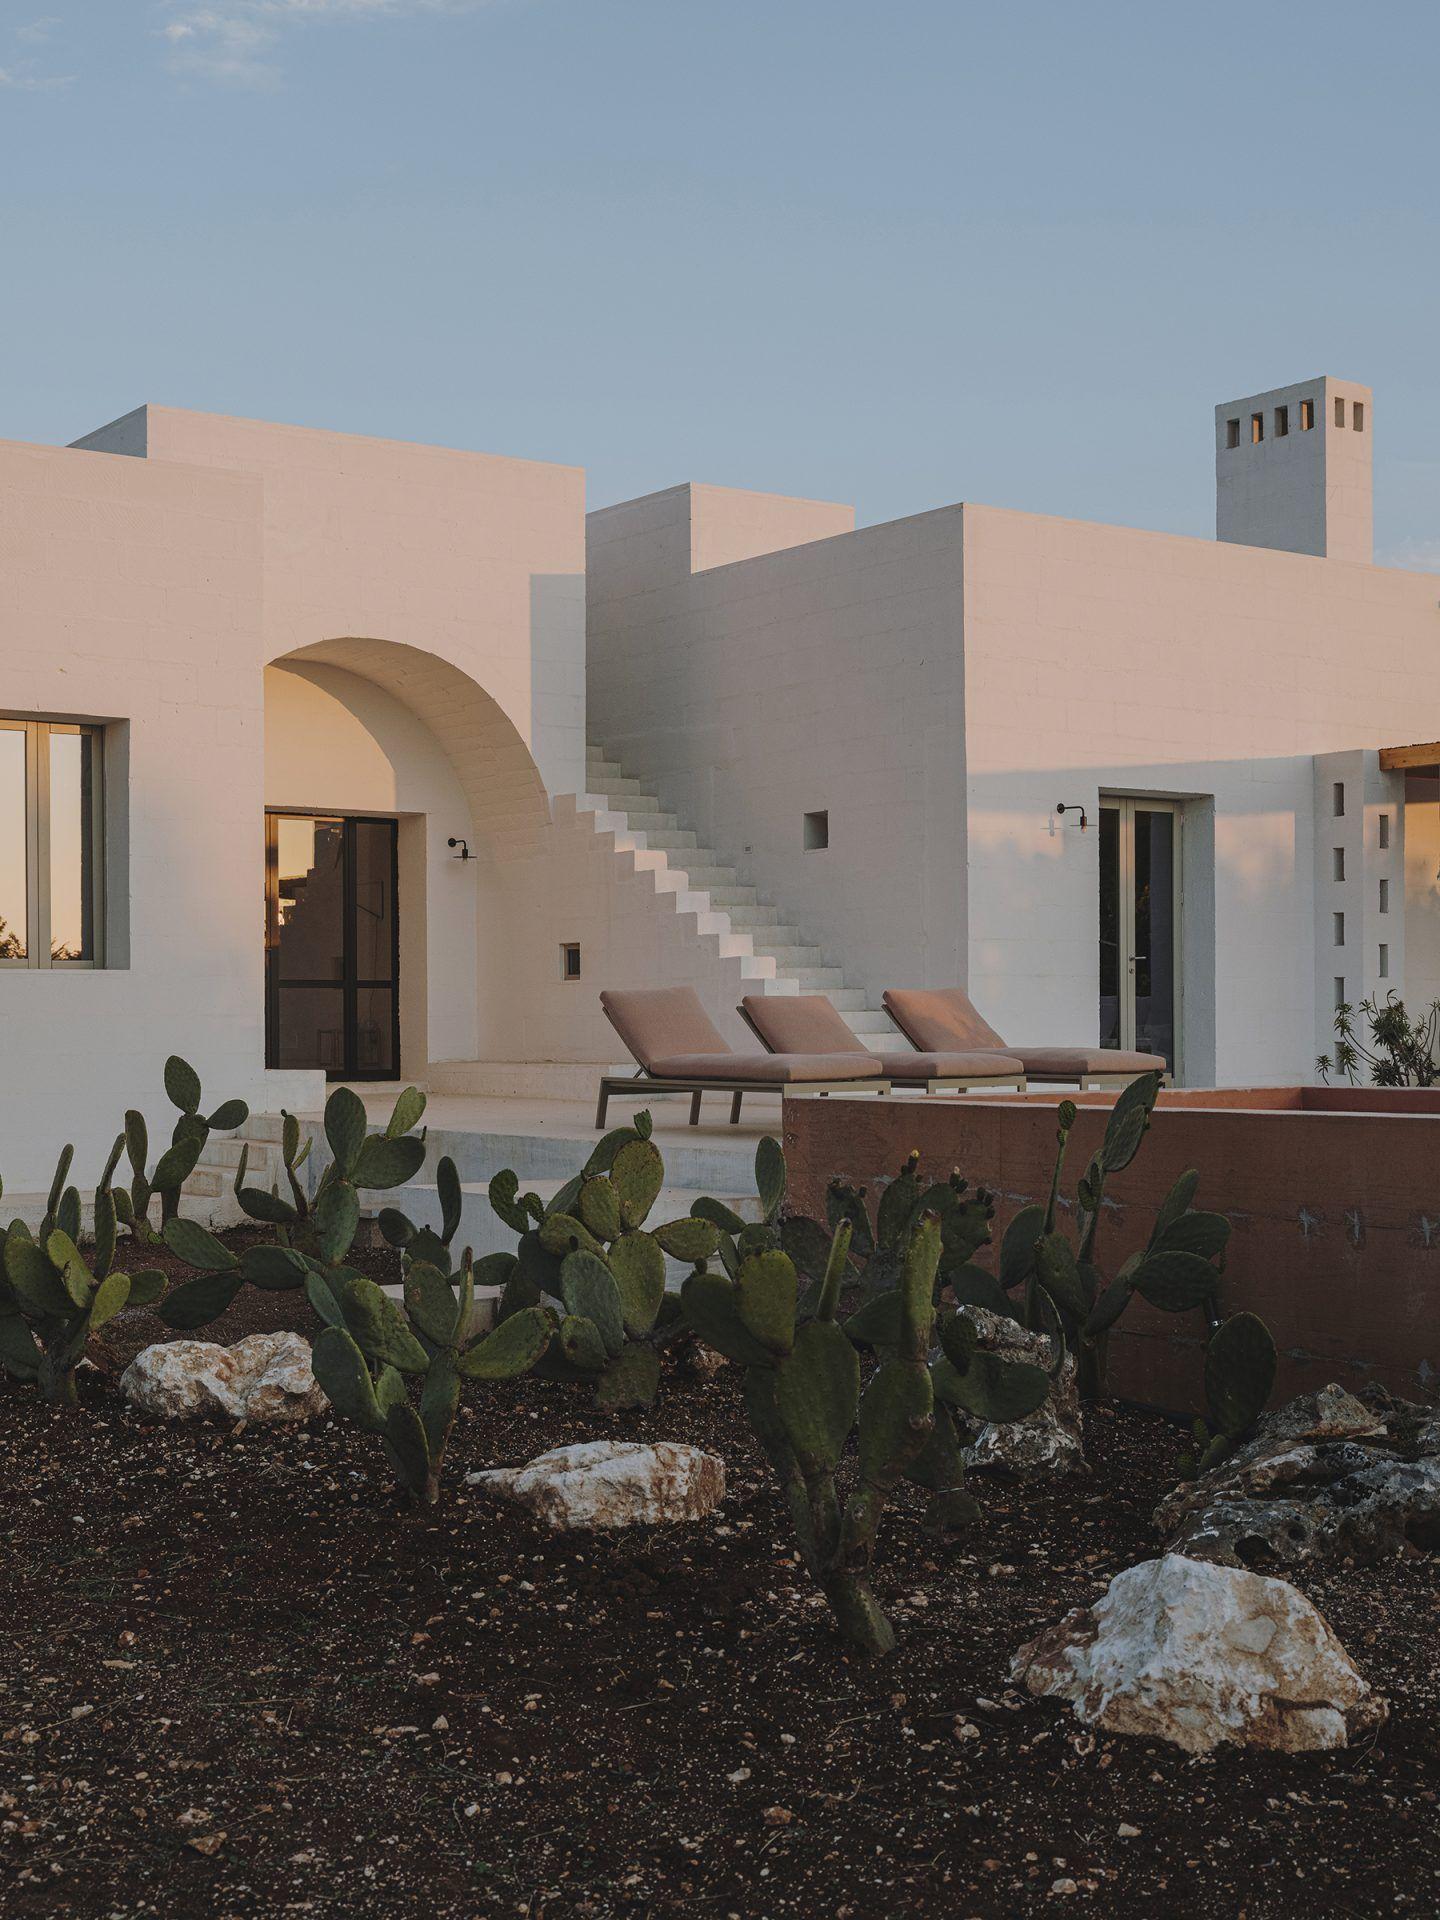 IGNANT-Architecture-Andrew-Trotter-Villa-Cardo-7